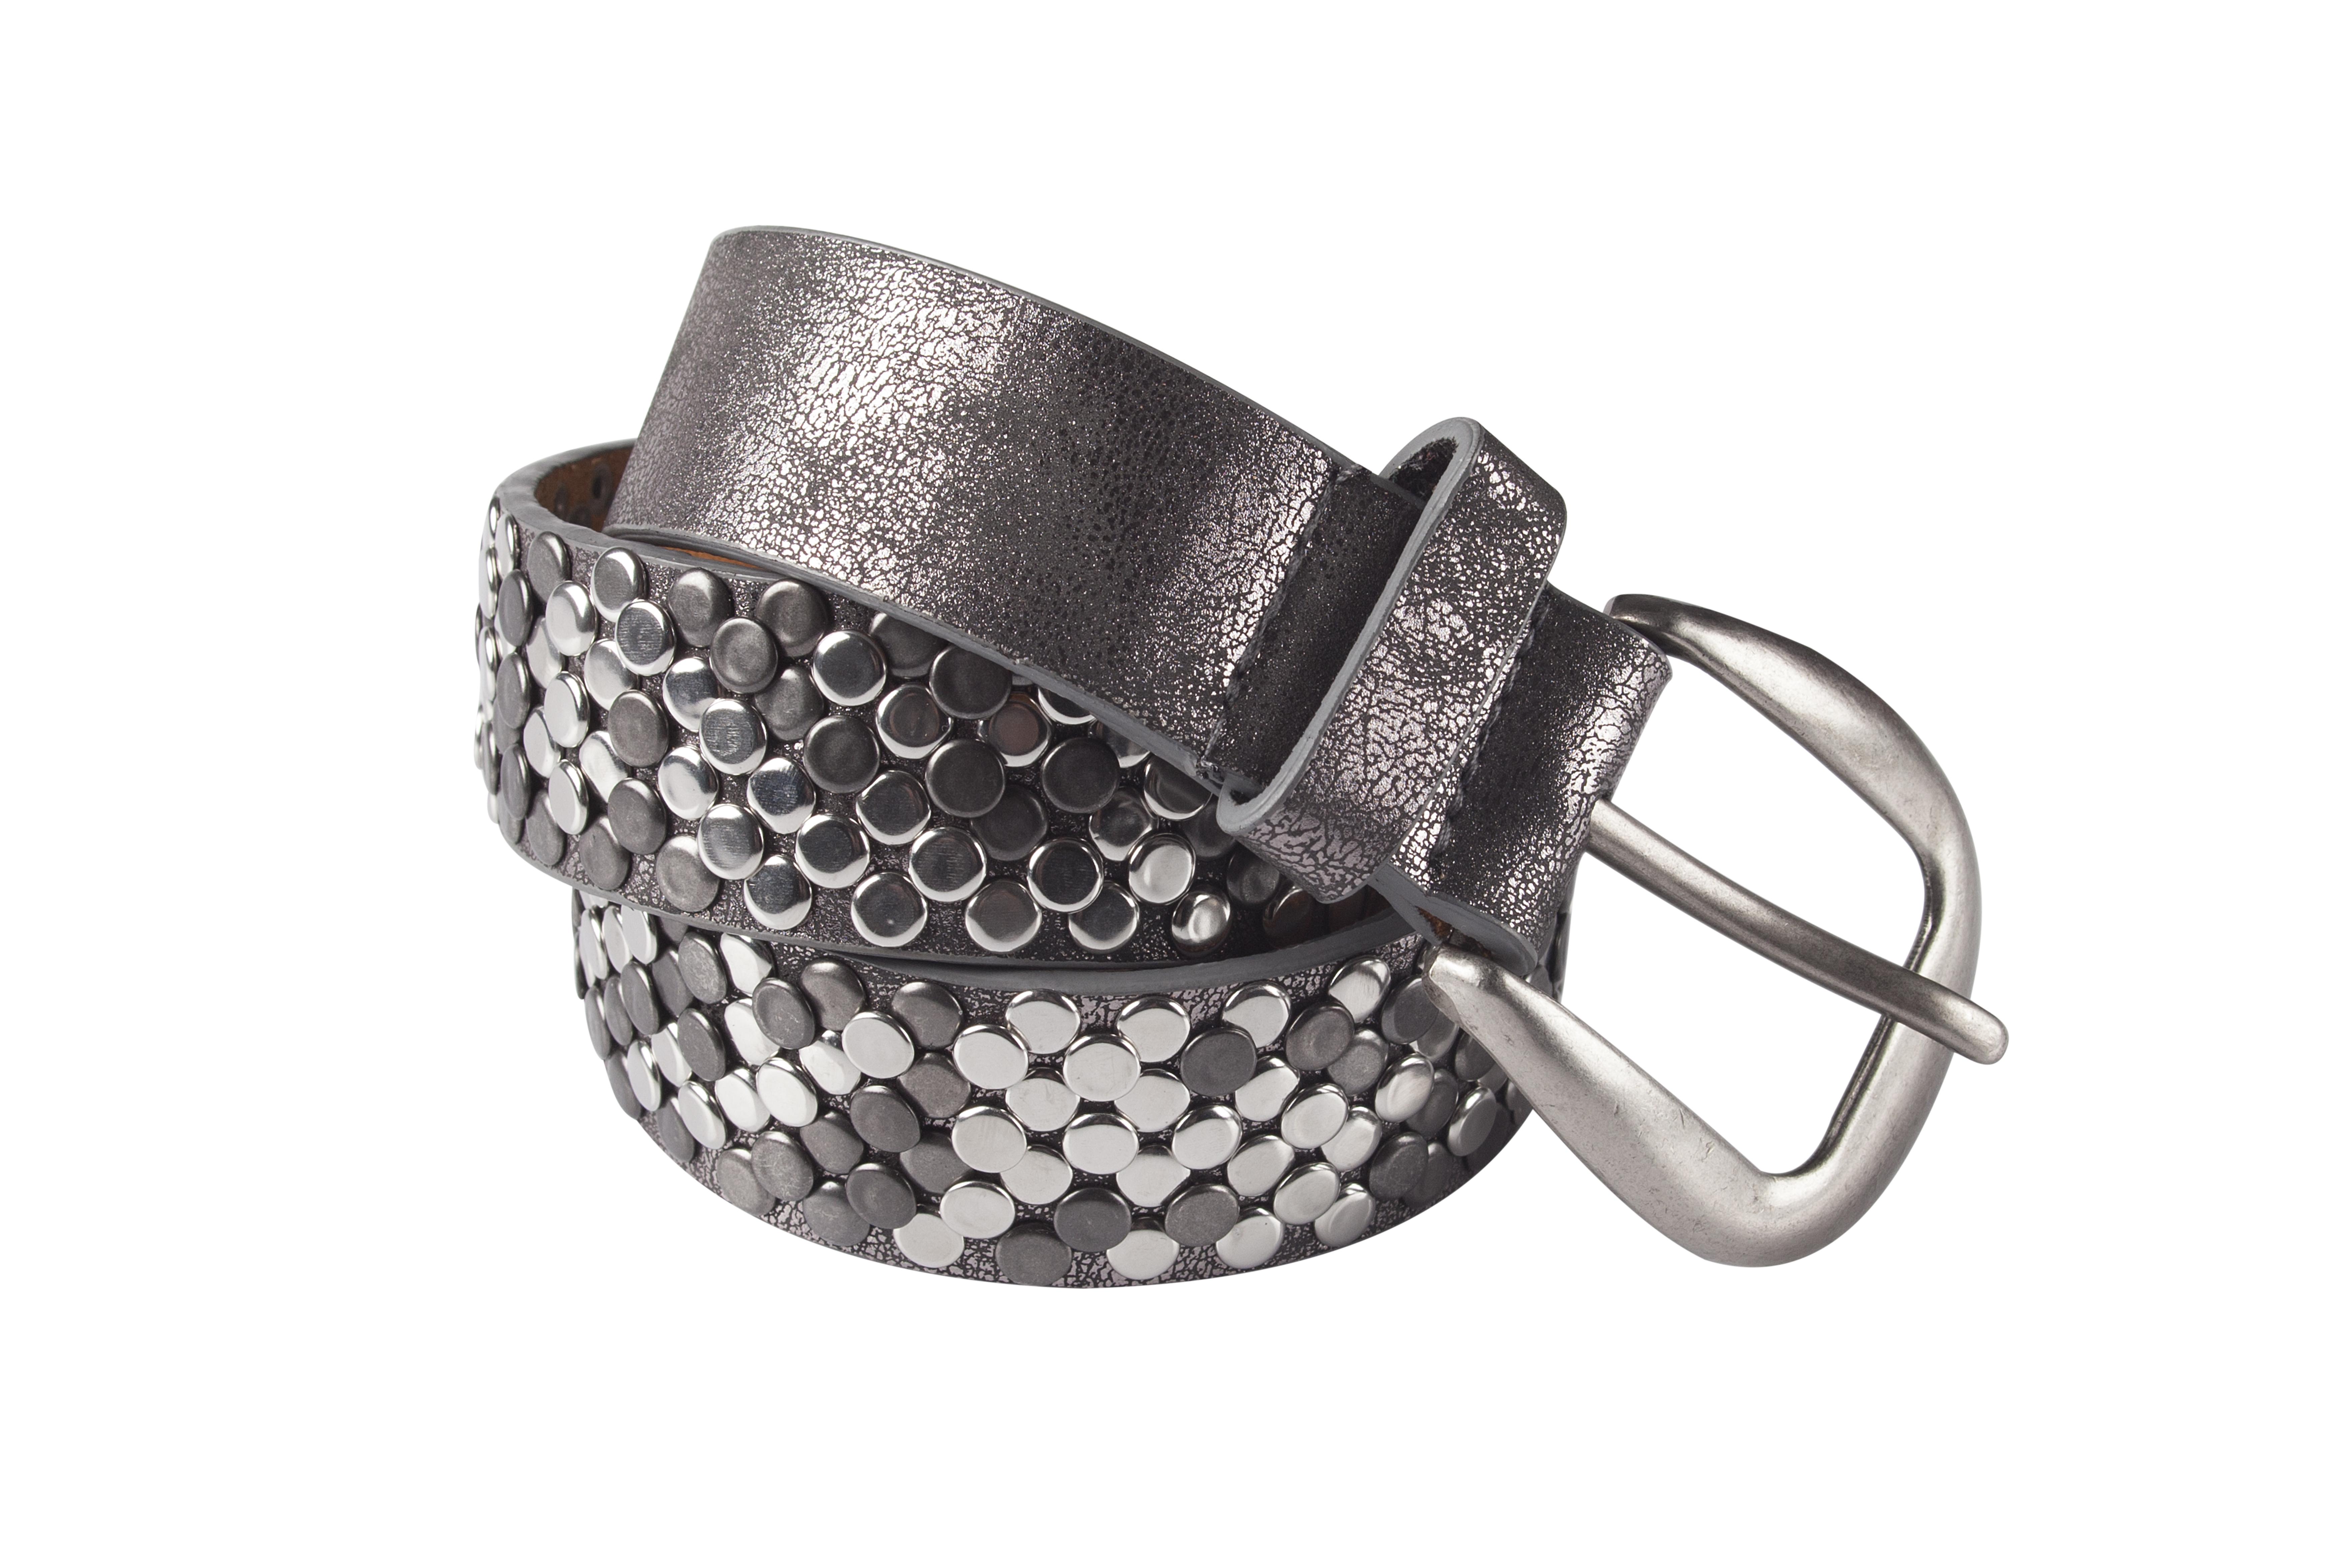 leren riem grijs zilver met kleine studs tastefultas.nl